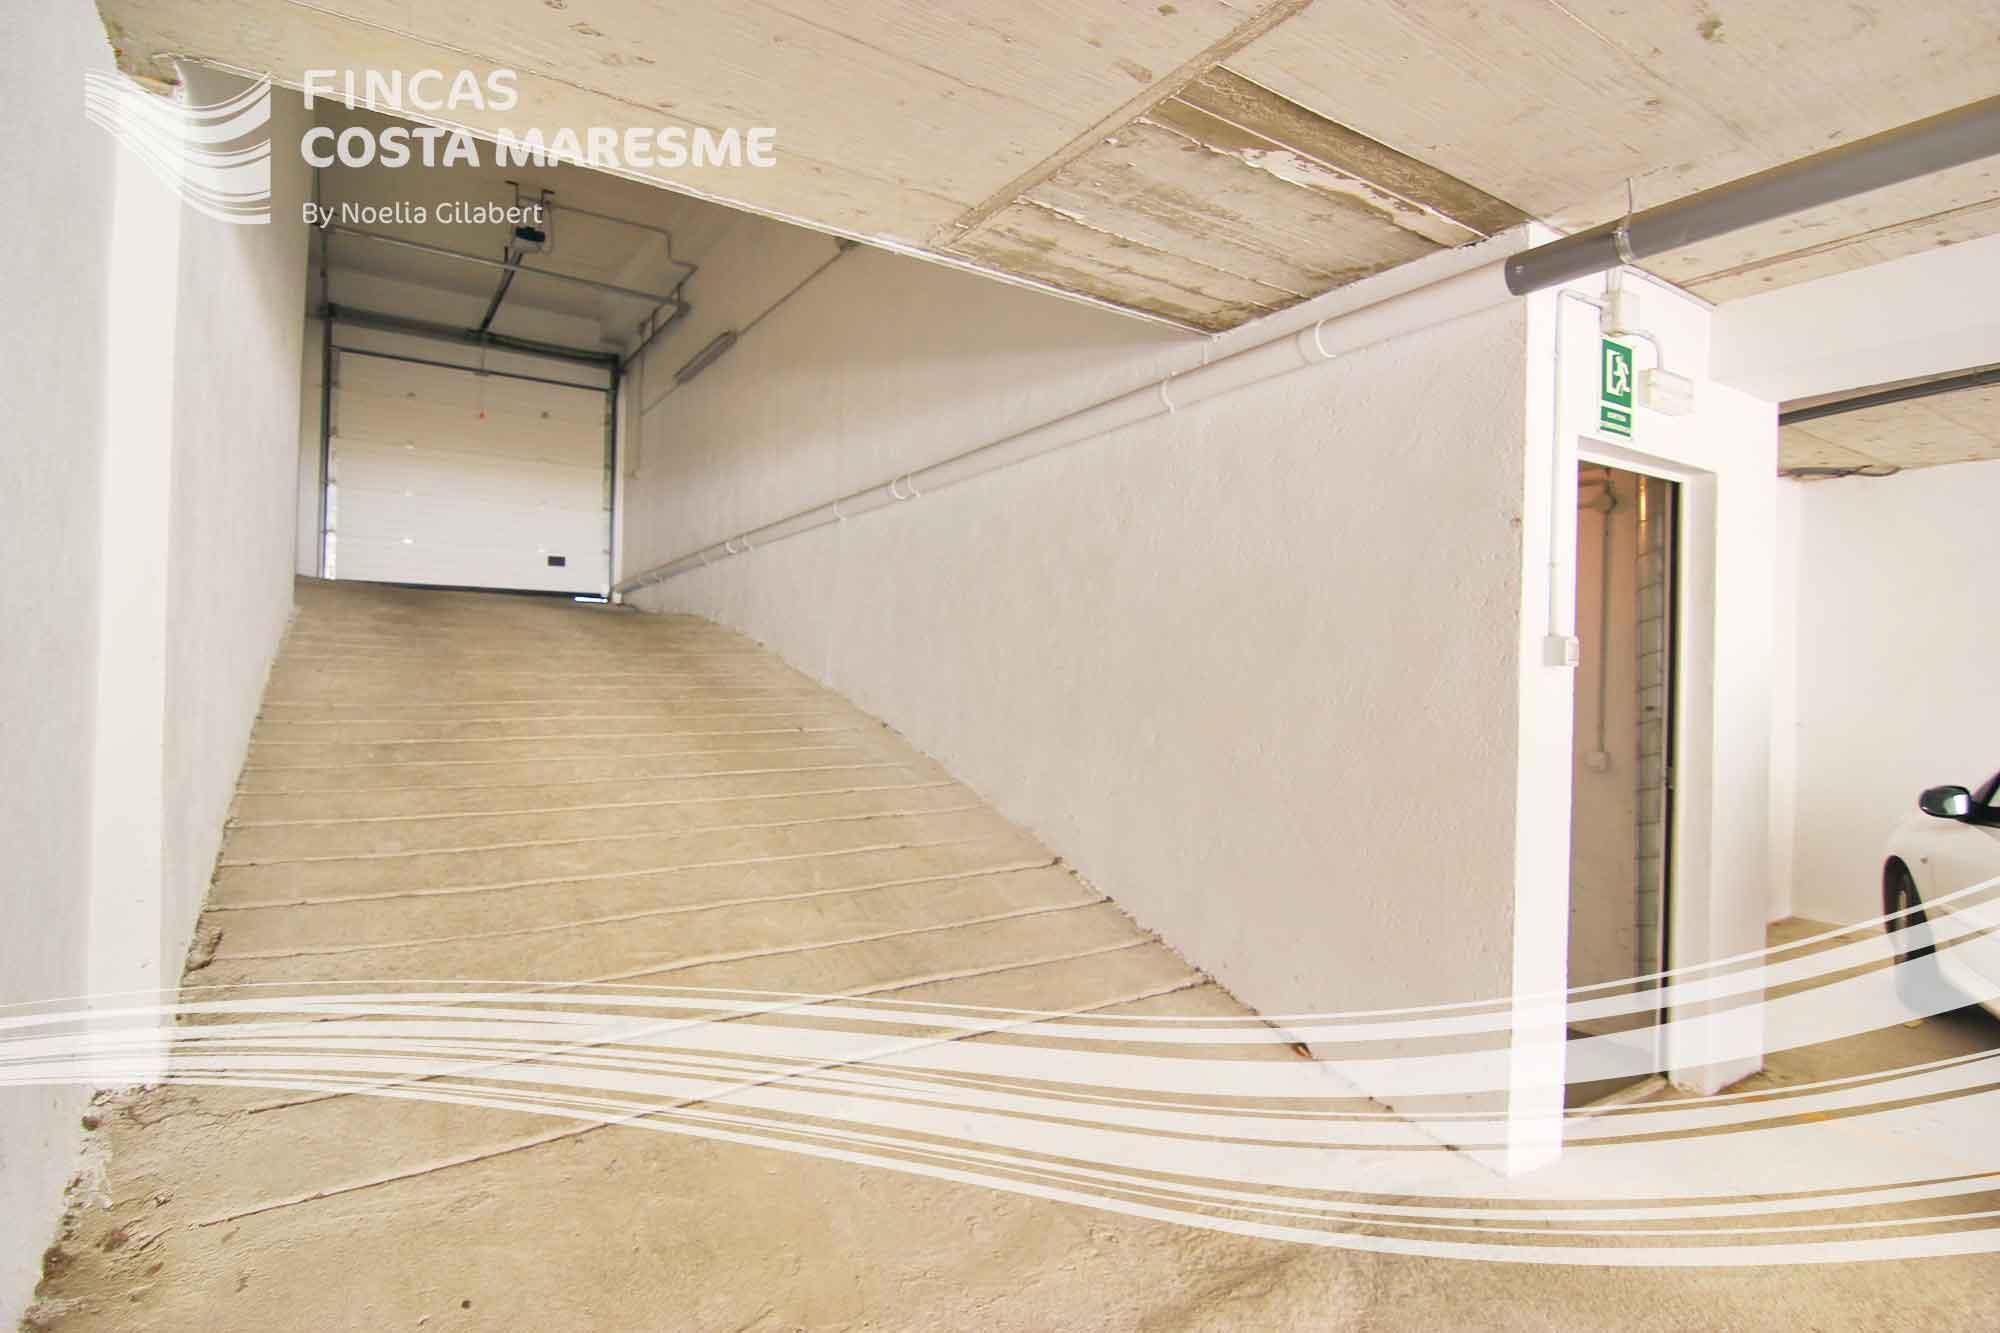 Obra nueva arenys de munt fincas costa maresme for Coste cocina nueva